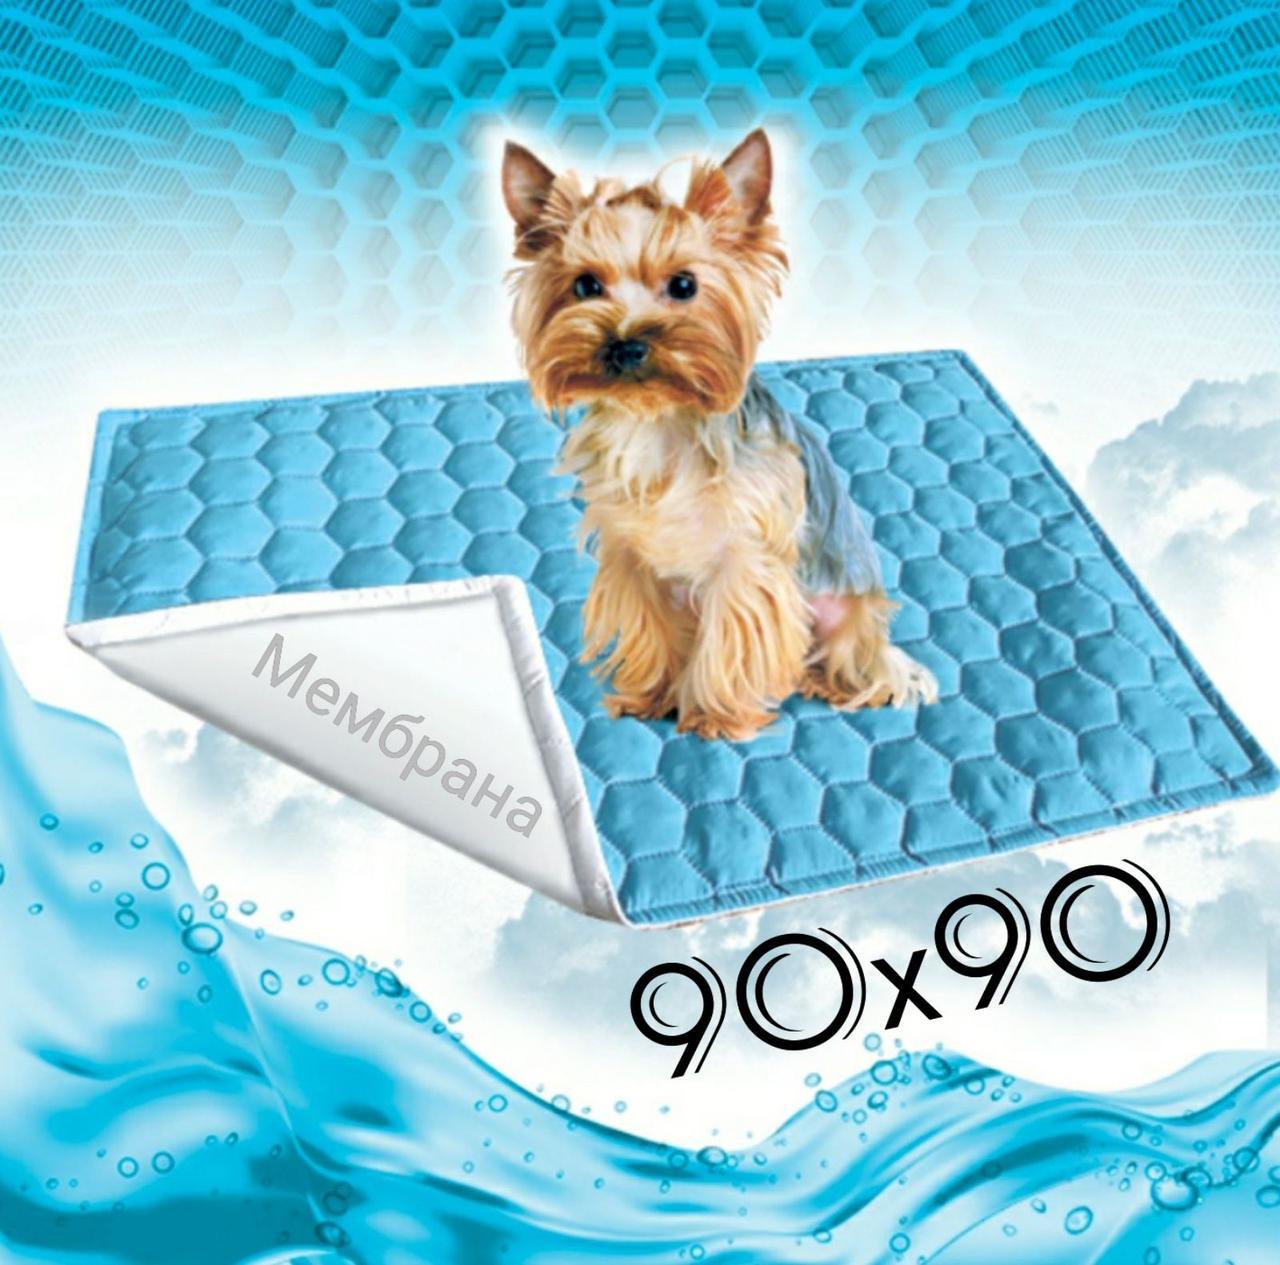 Многоразовая пеленка для собак 90х90 см непромокаемая Цвет БИРЮЗОВЫЙ